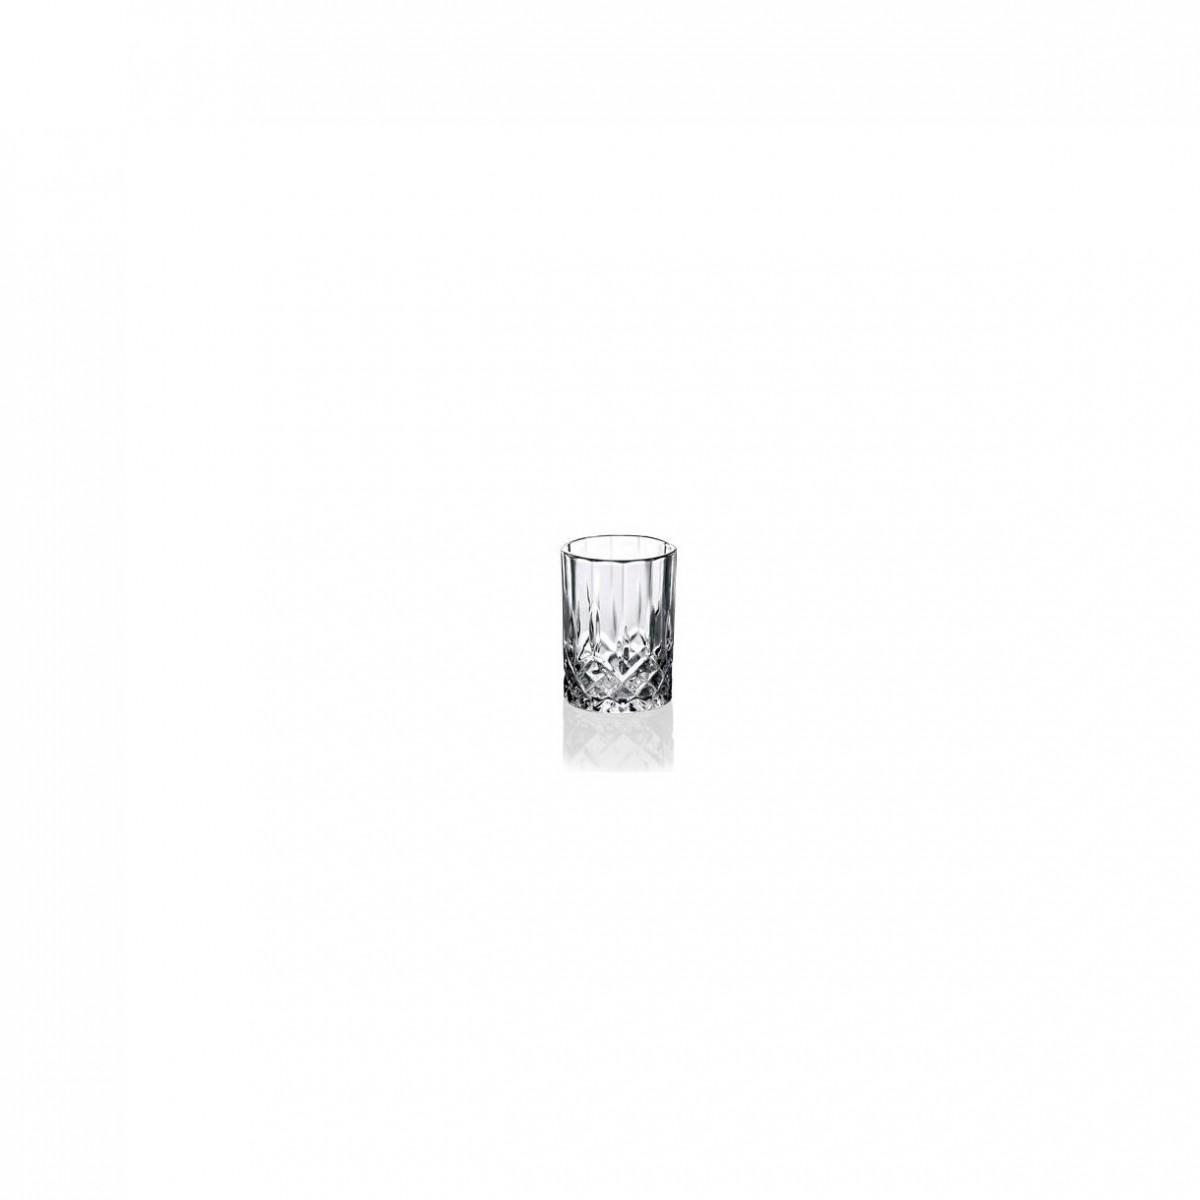 AIDAHarveyshotglas37cl4stk-02